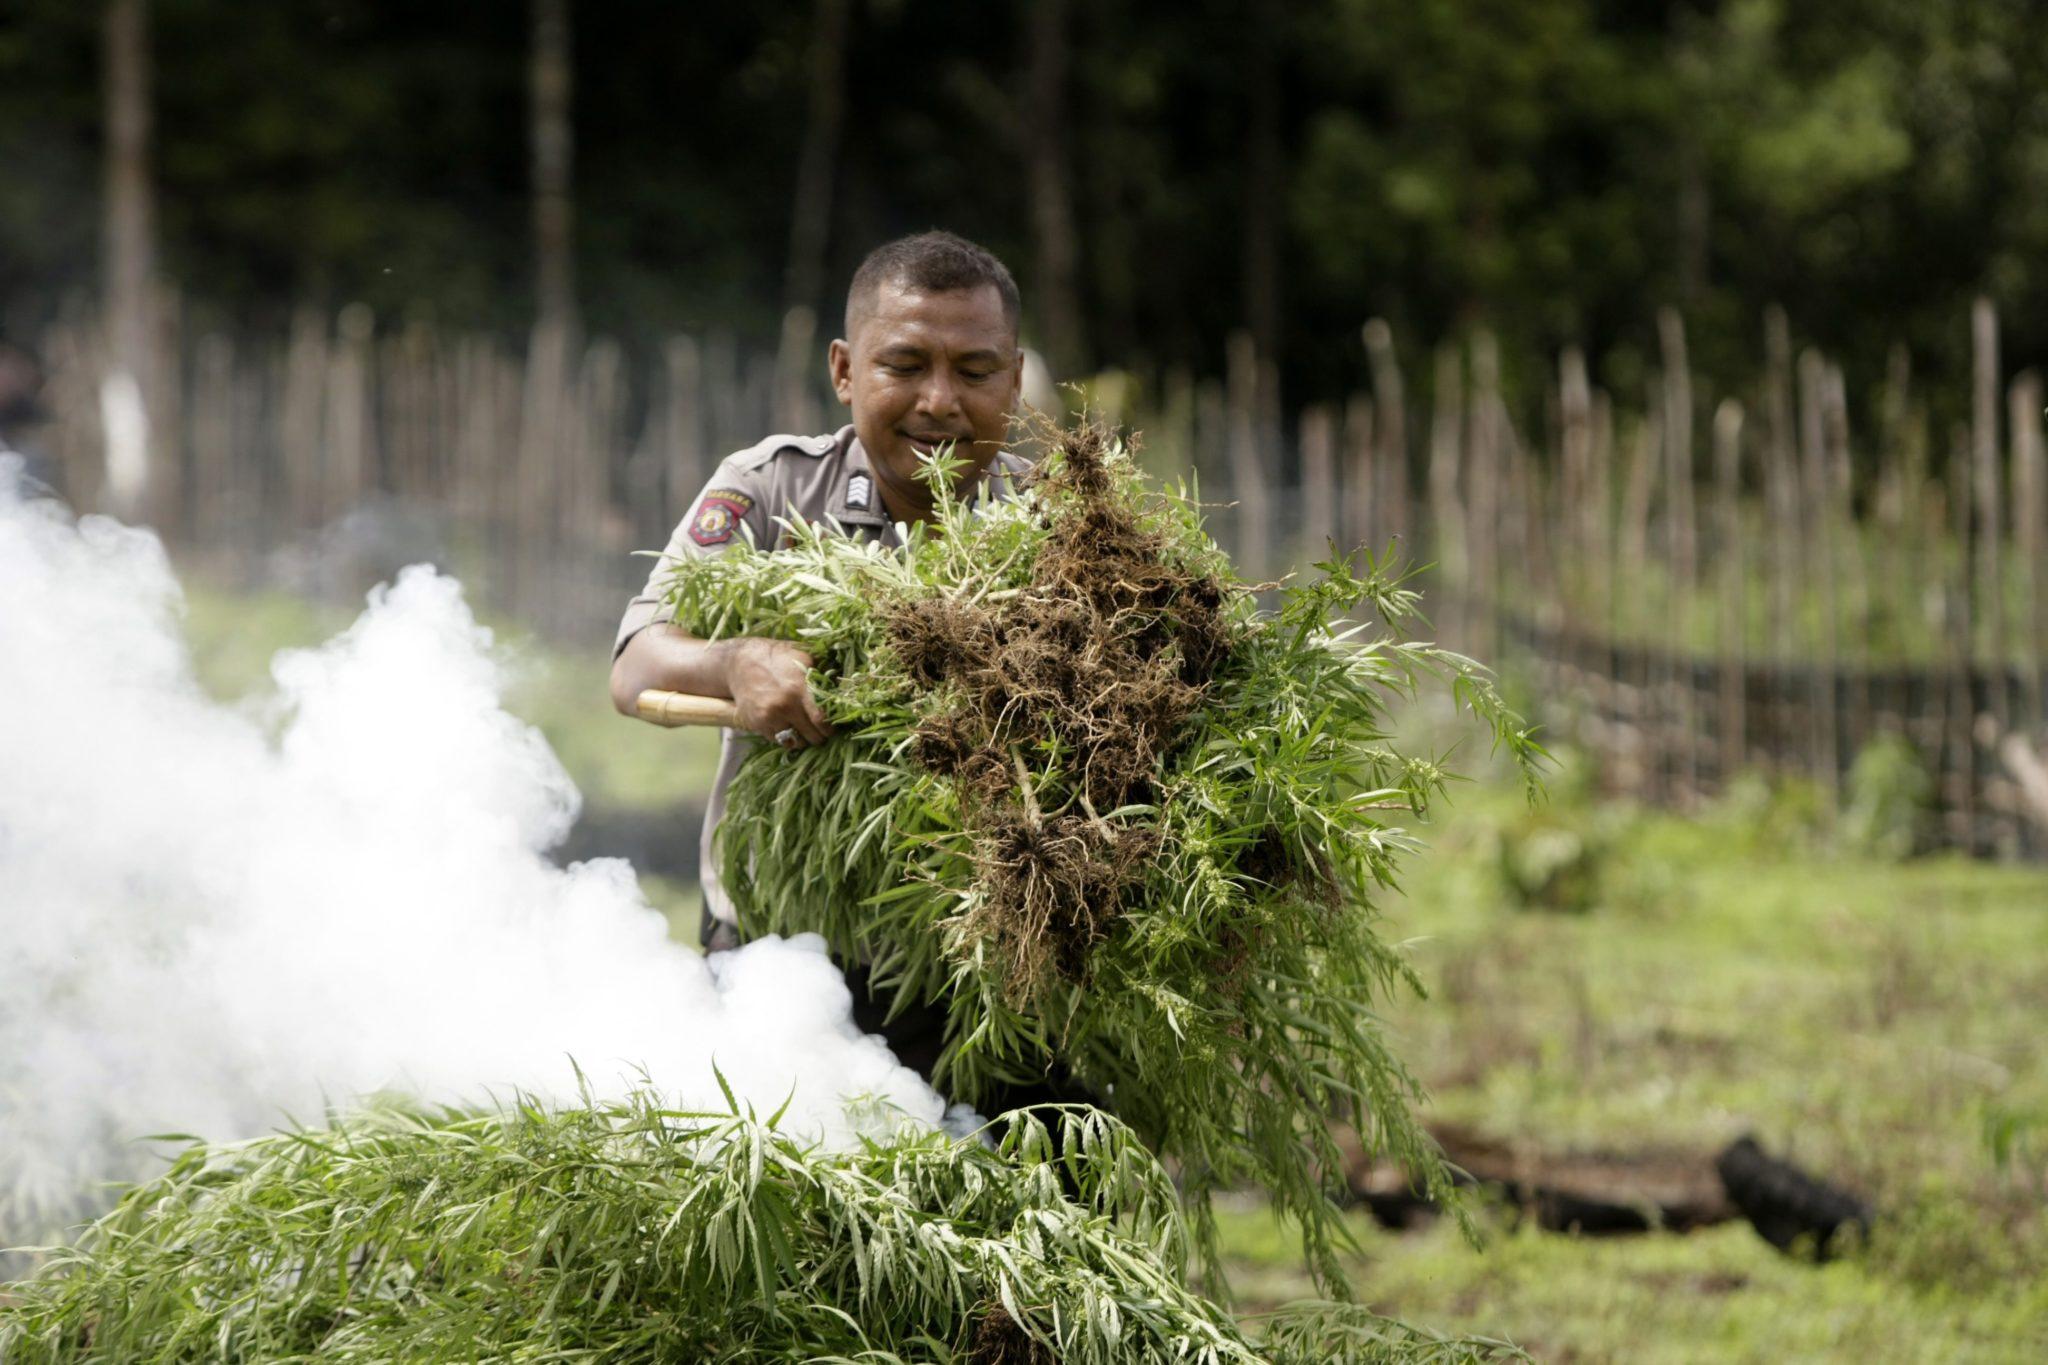 Policjant palący nielegalne plantacje marihuany w Indonezji. Fot. EPA/HOTLI SIMANJUNTAK